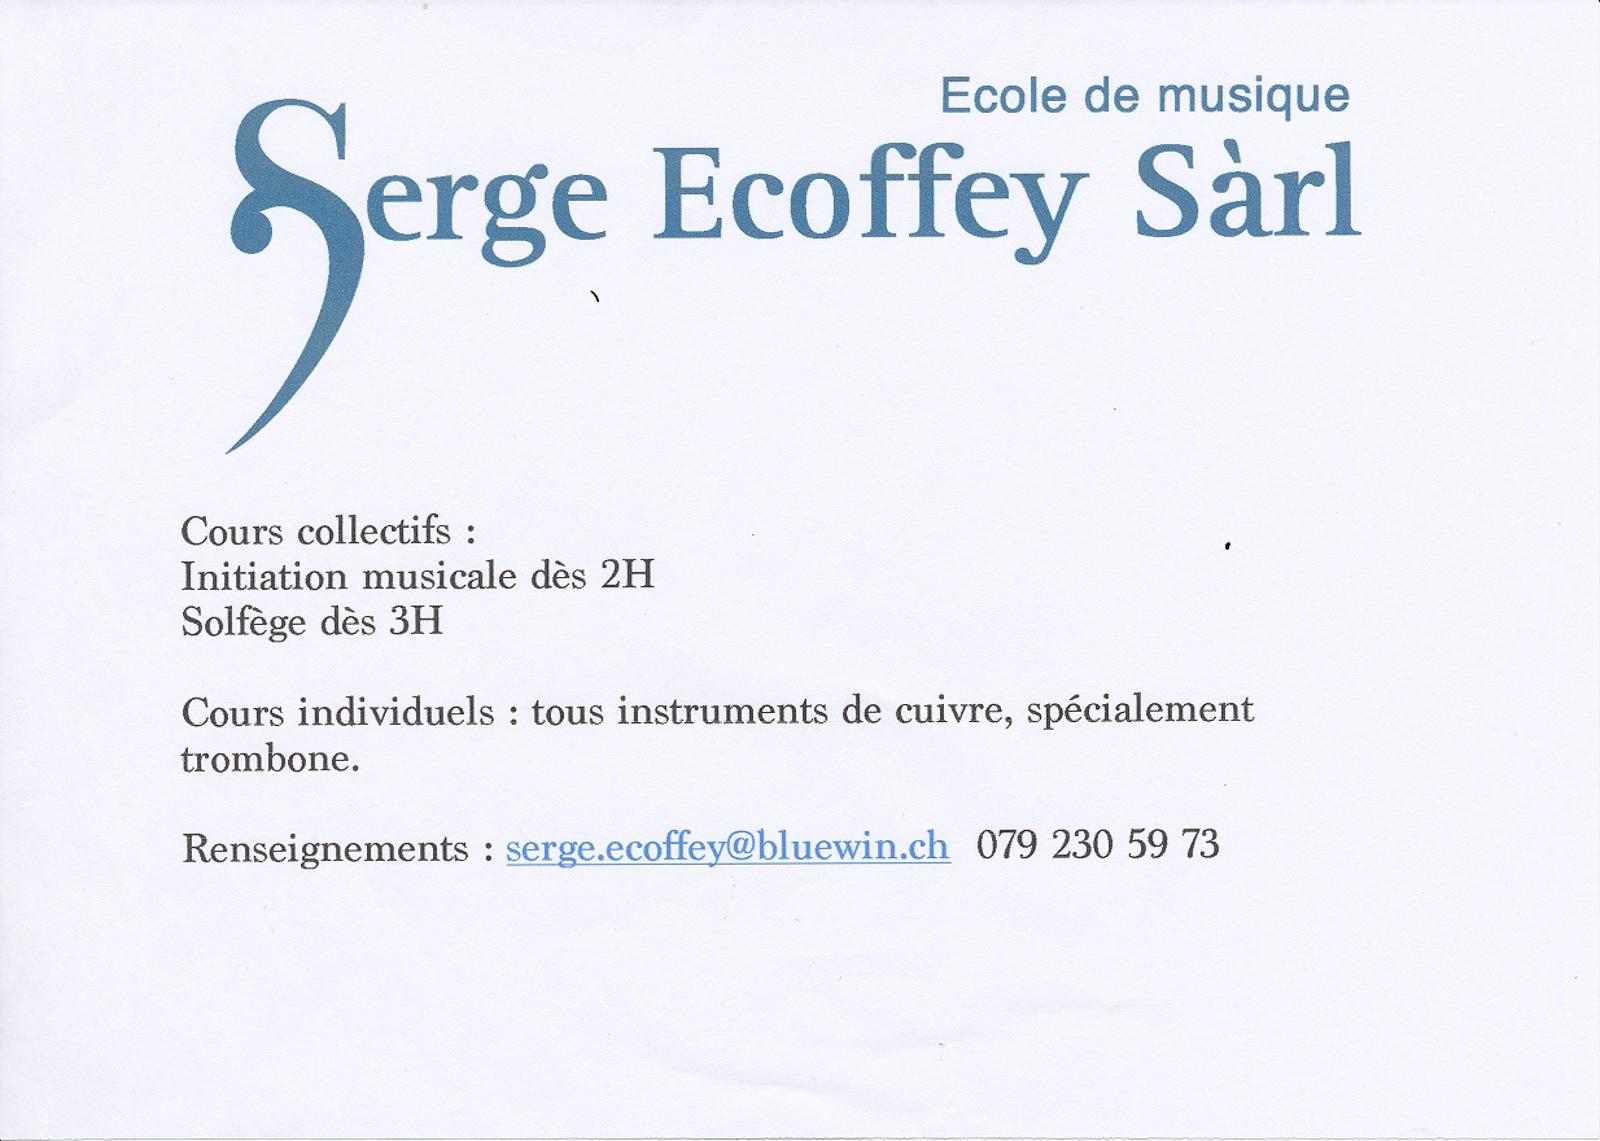 1Serge_Ecoffey